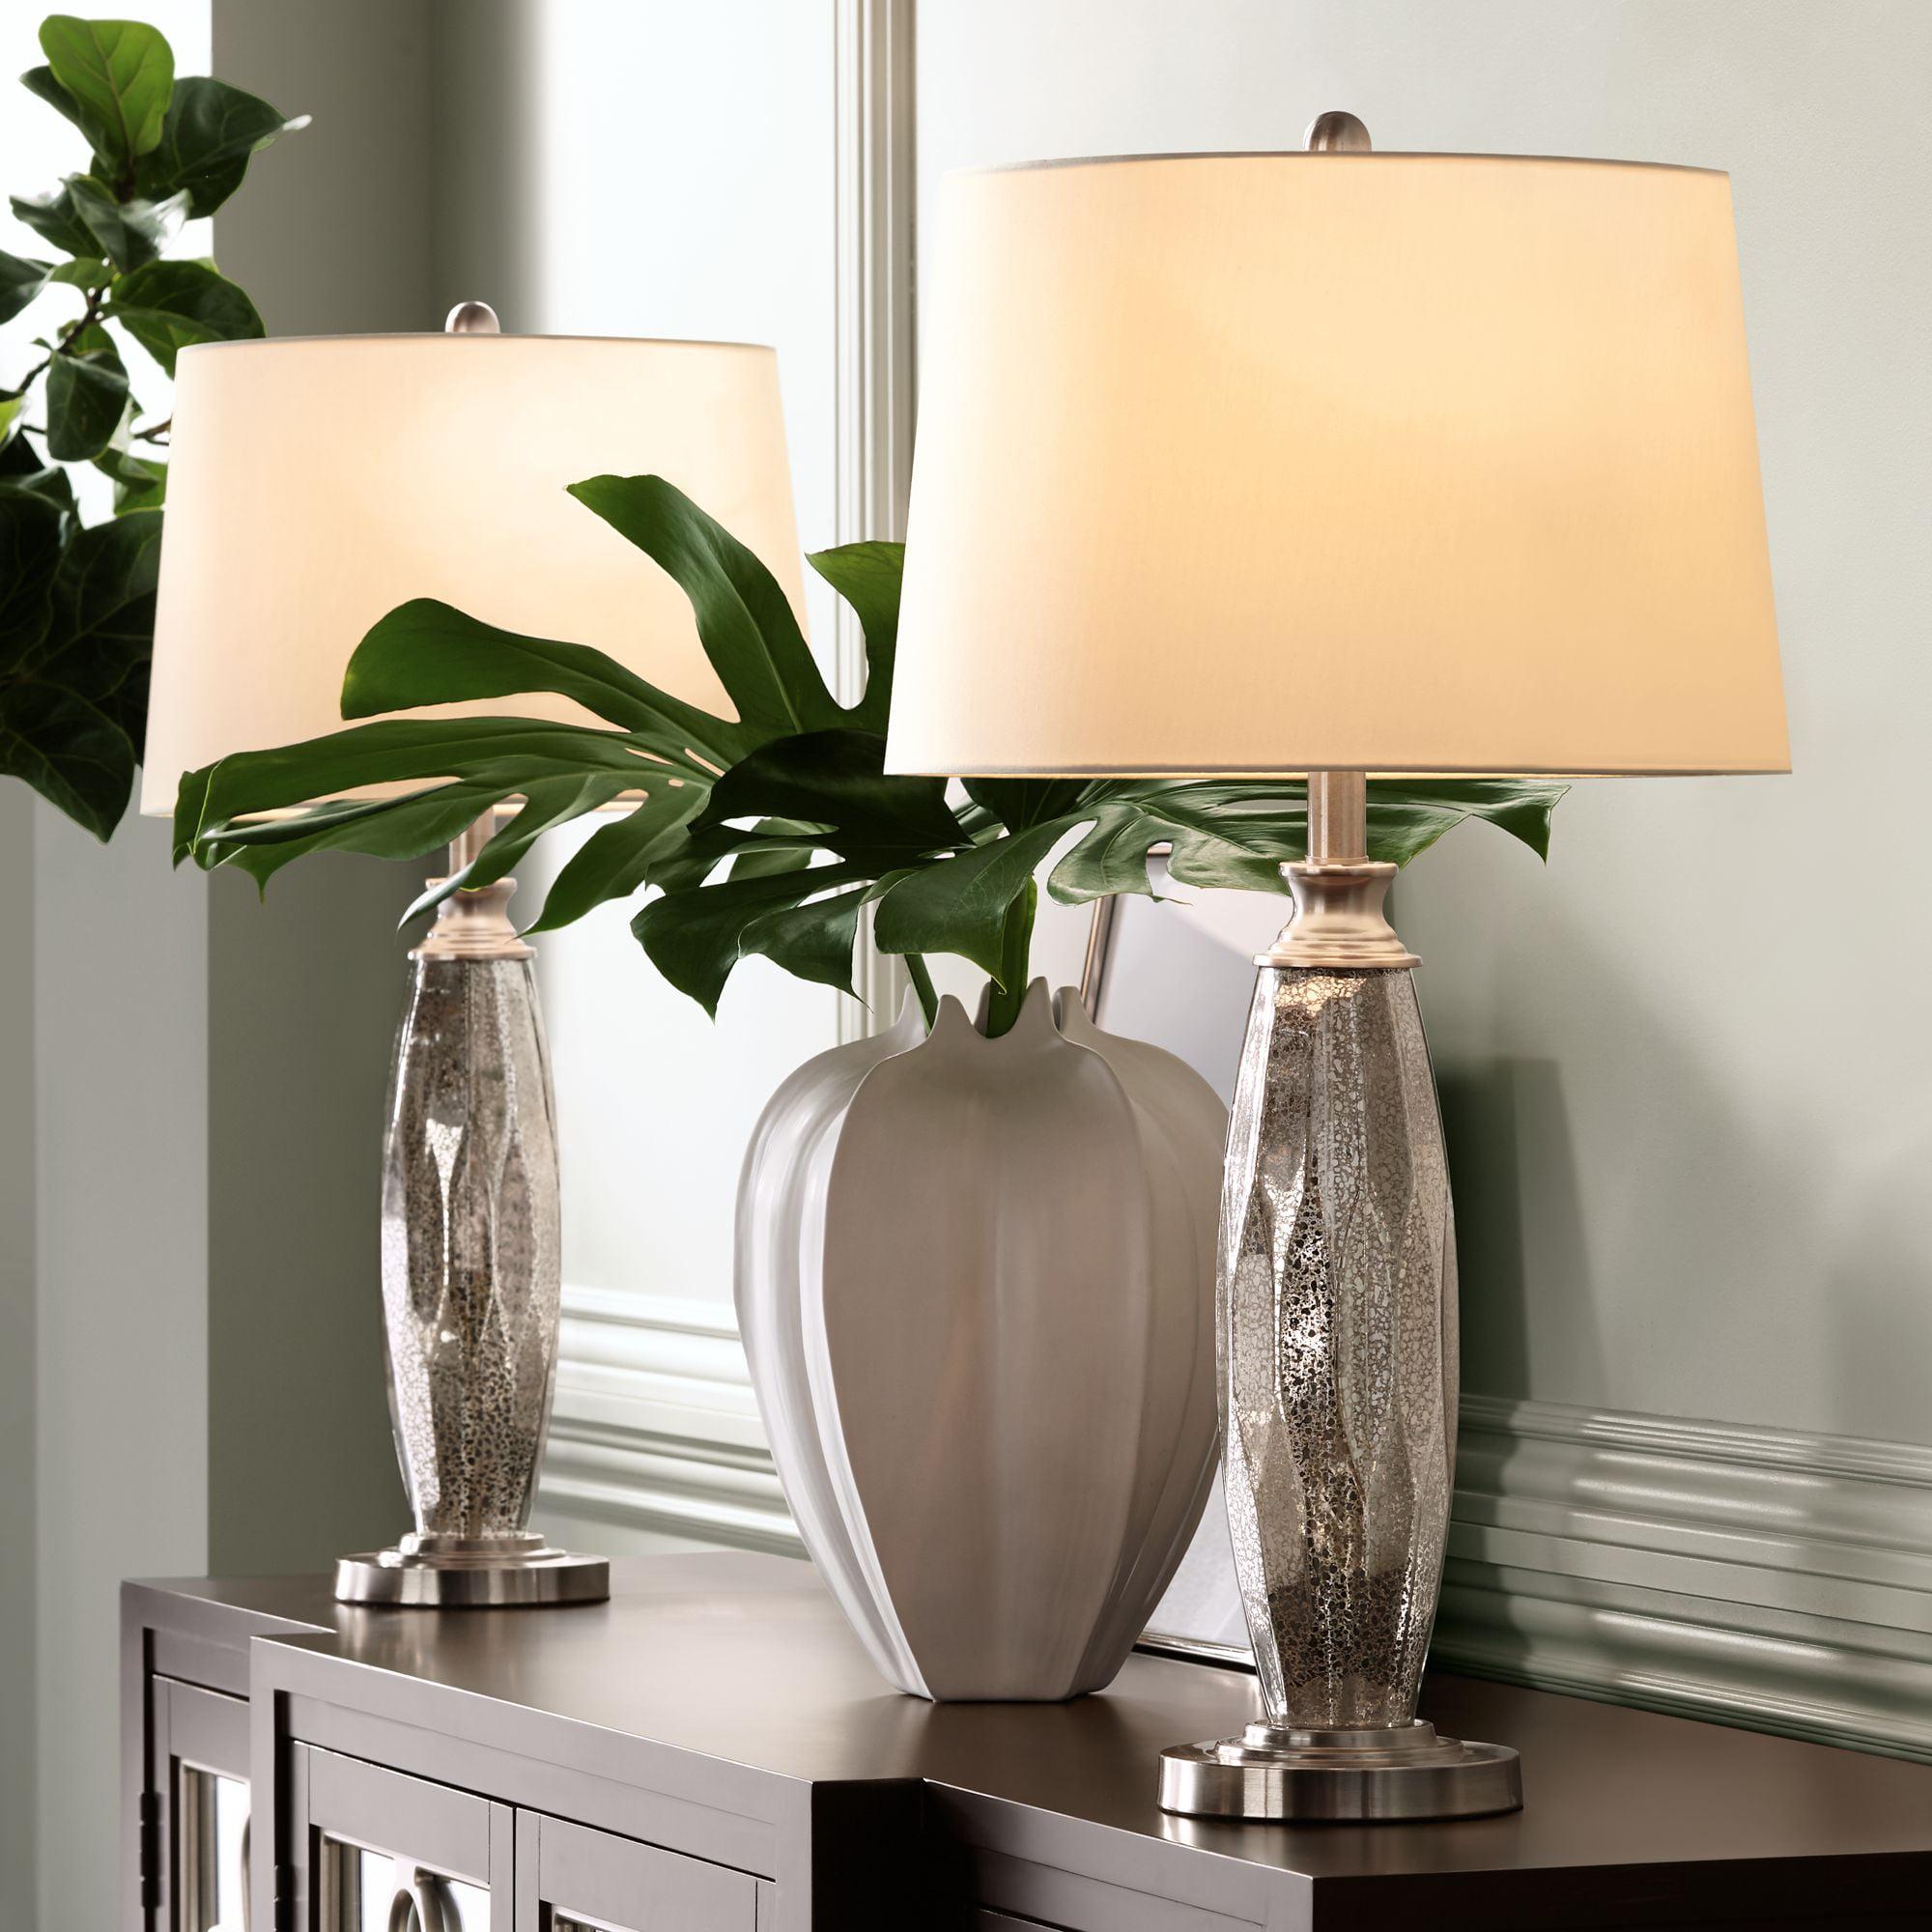 360 Lighting Modern Table Lamps Set of 2 Mercury Glass Column White ...